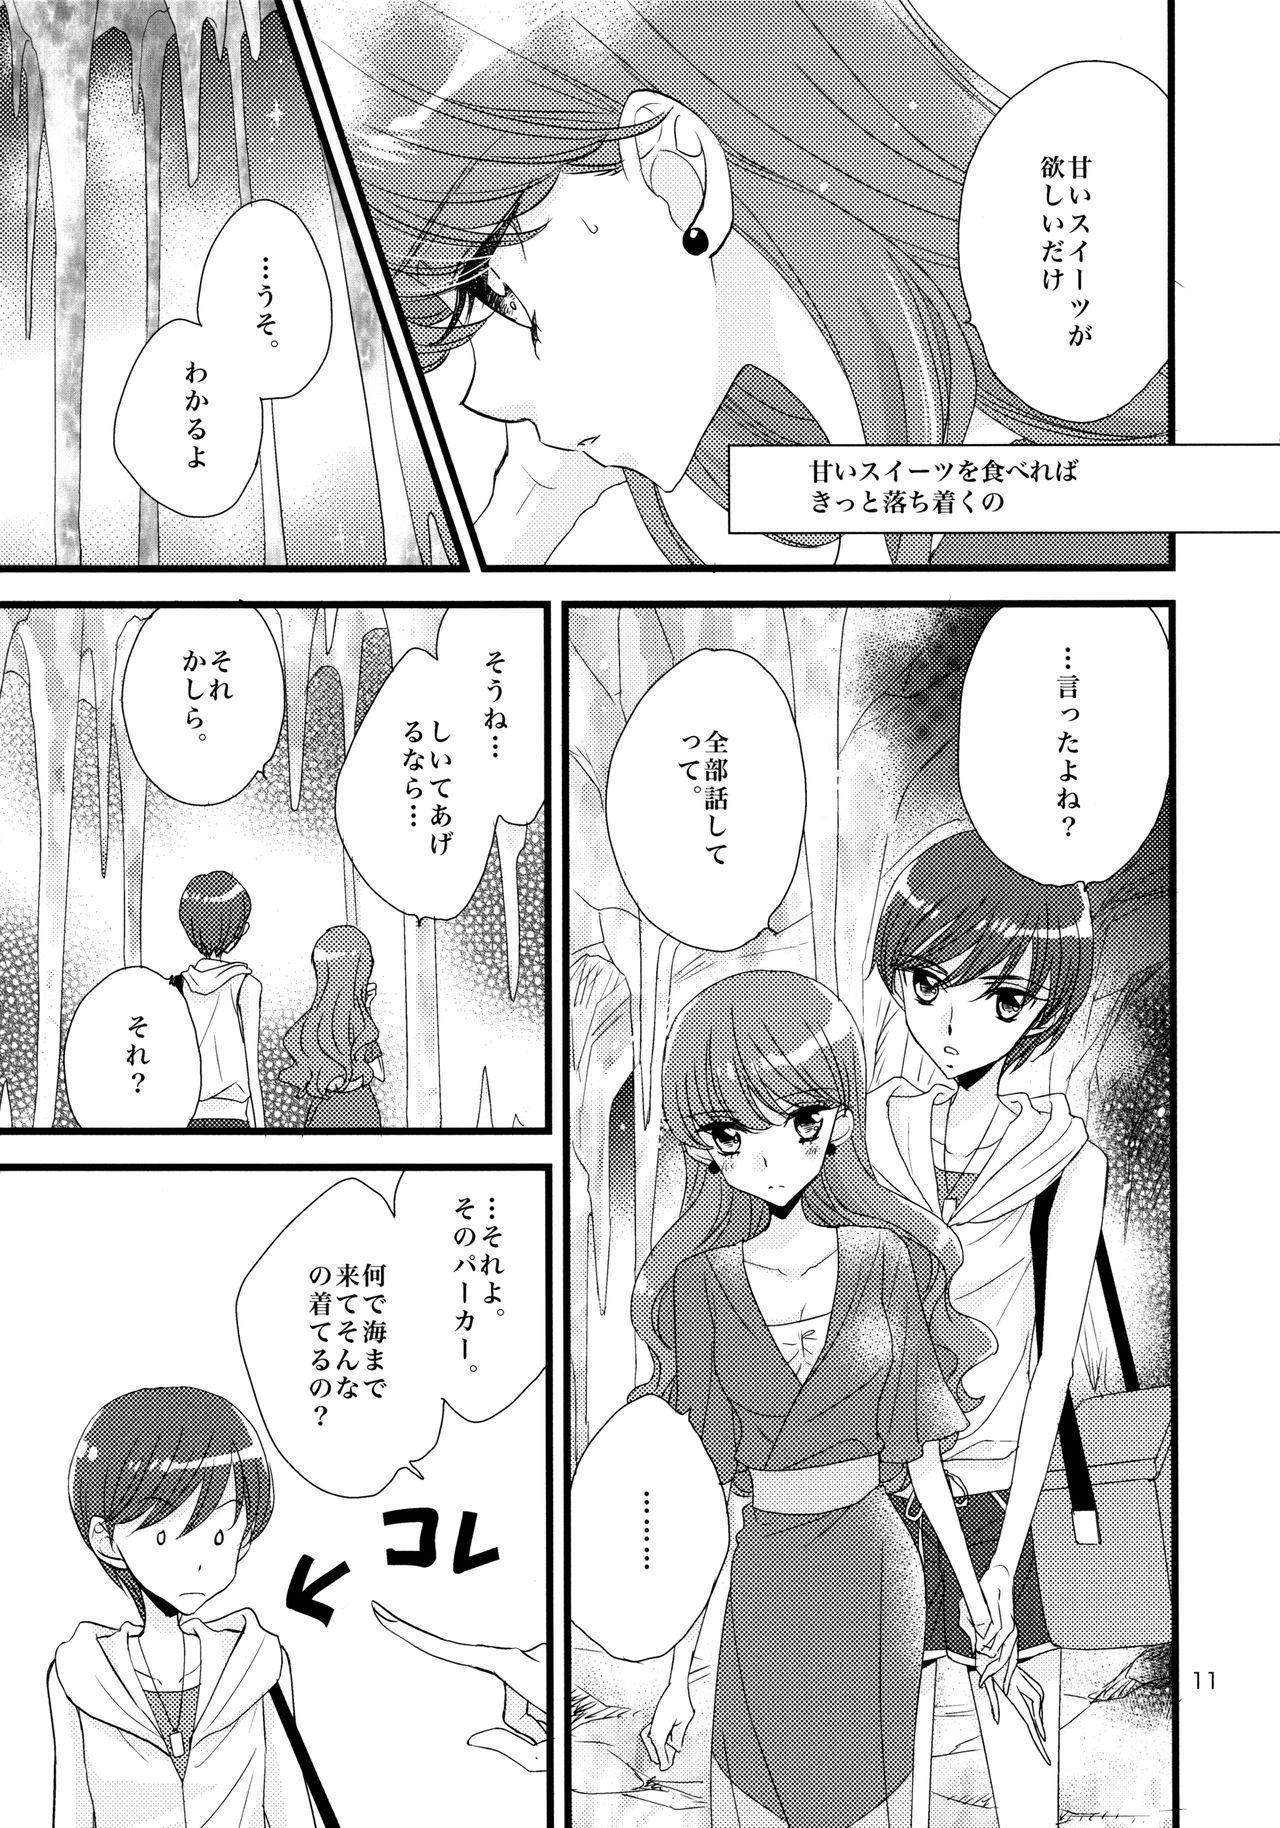 Afurederu Koboreochiru Kirakiraru 10